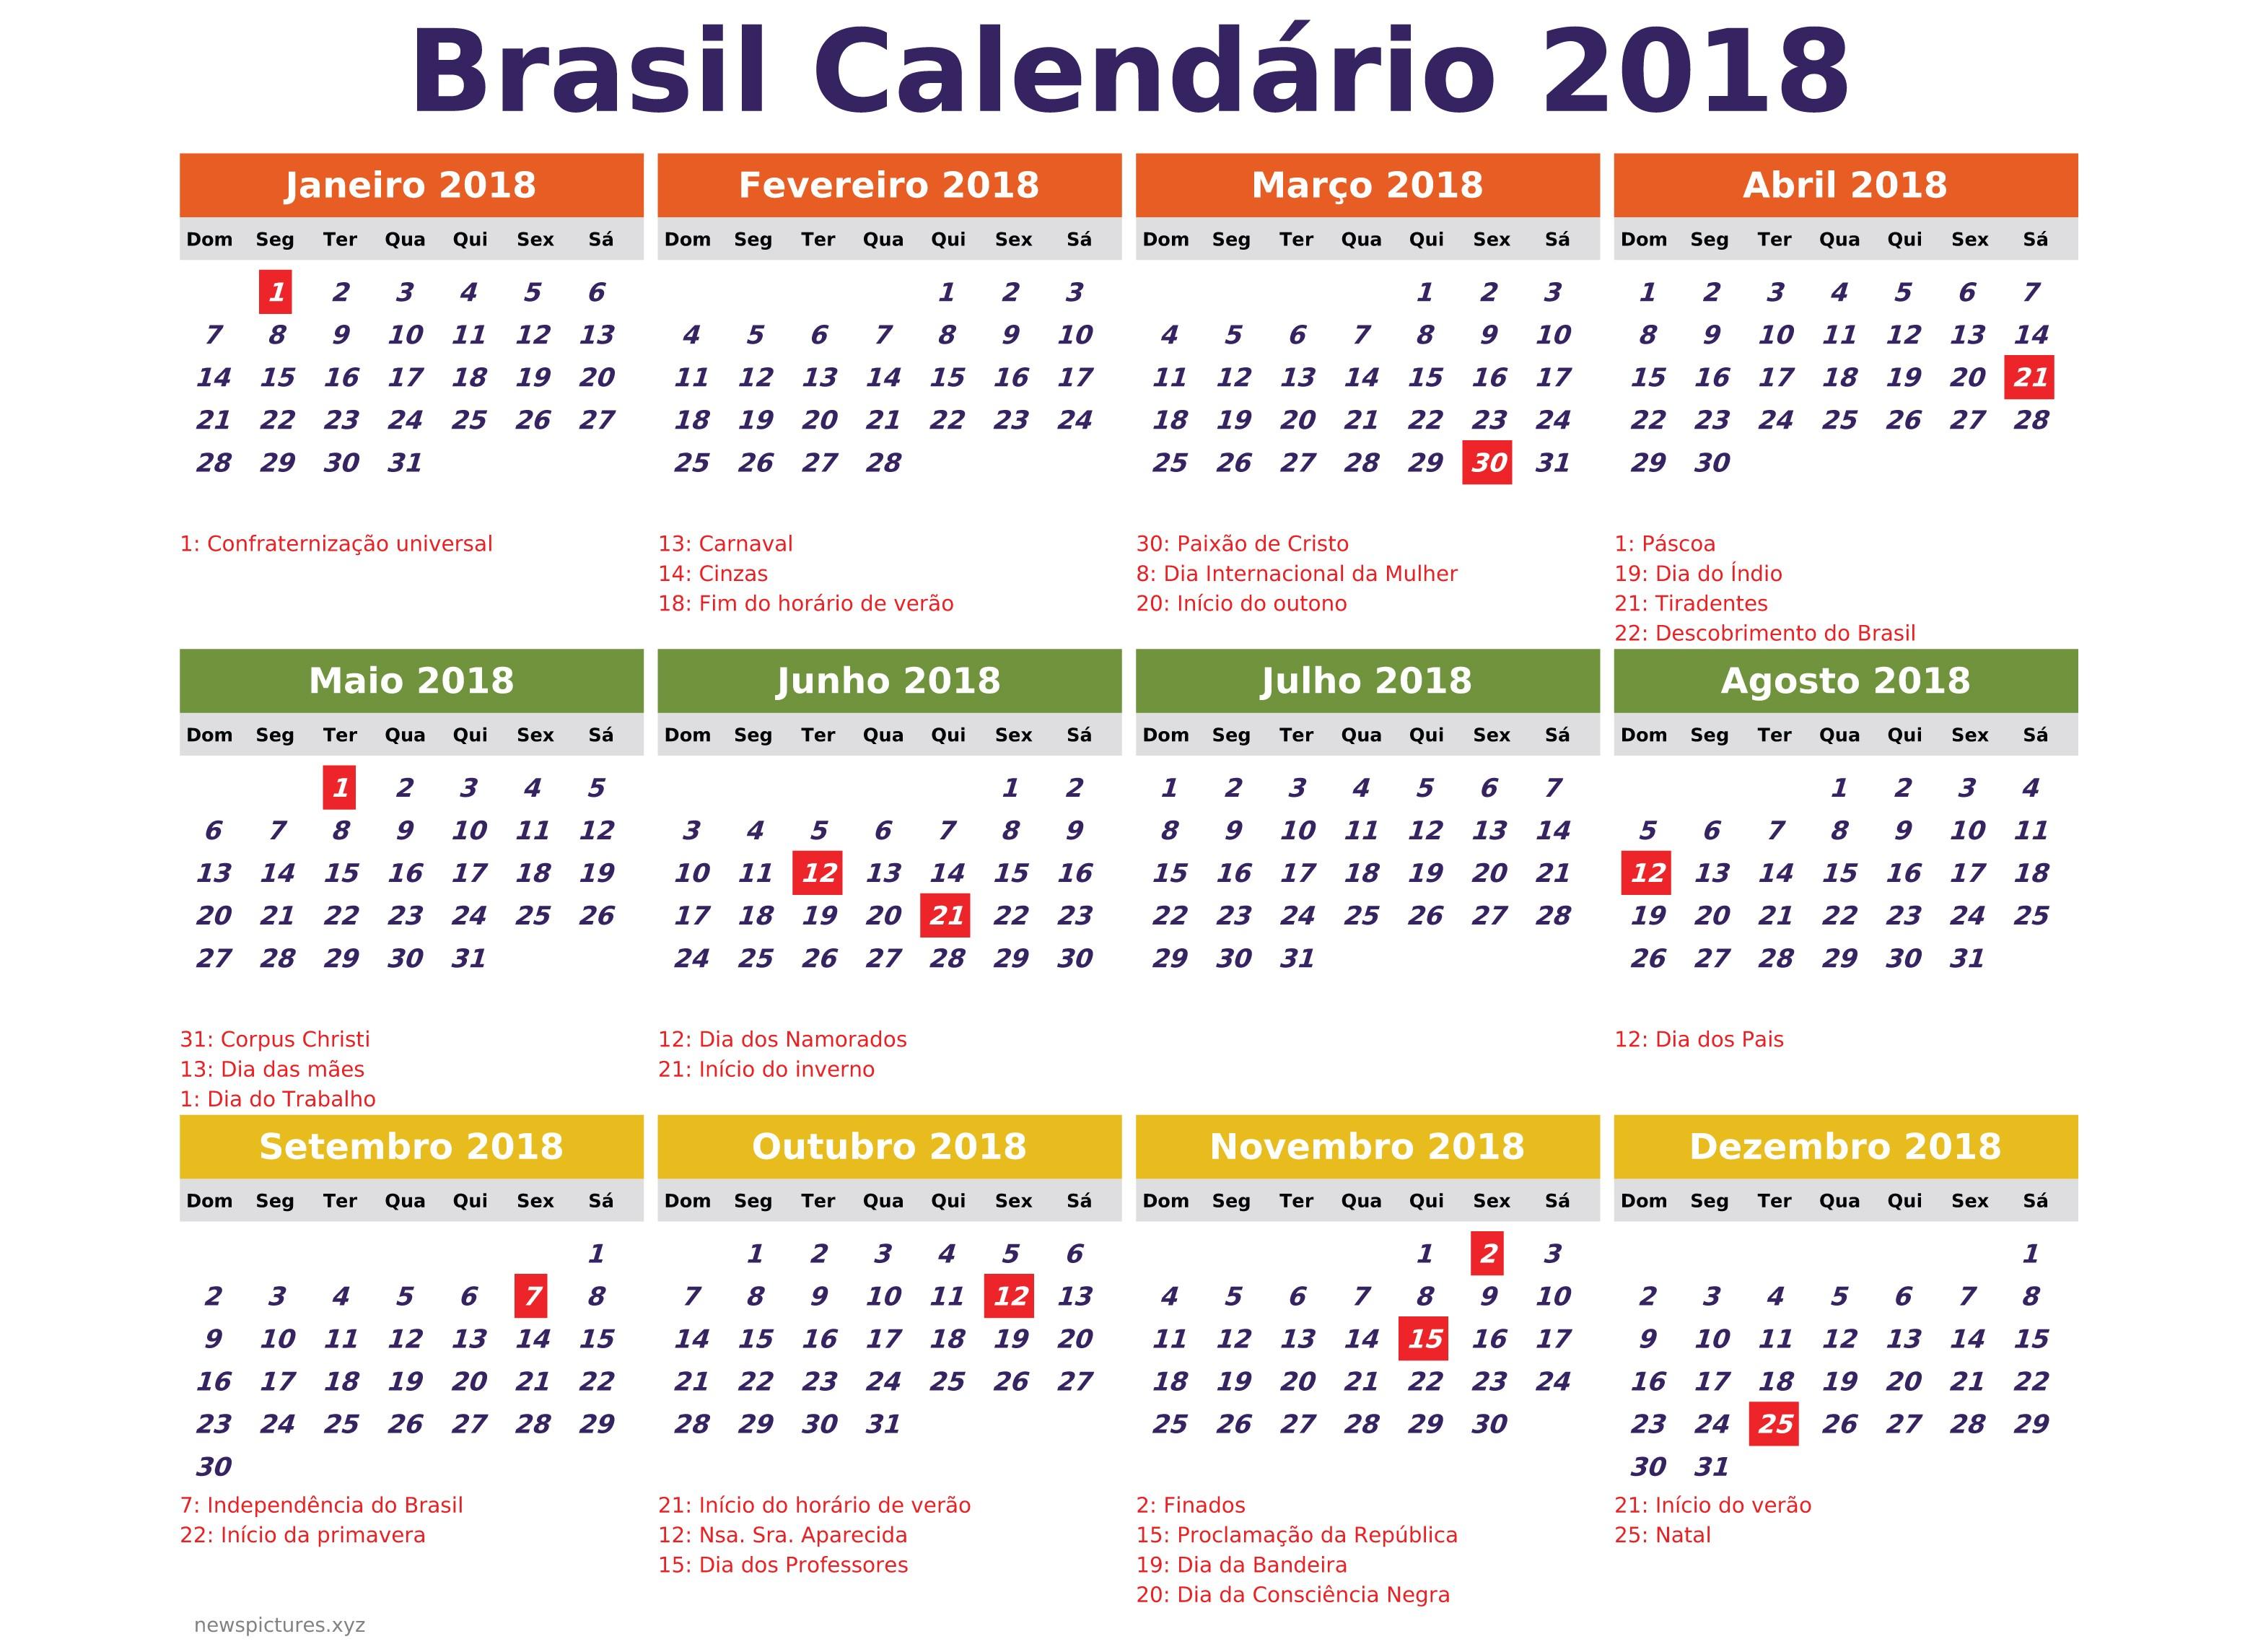 Calendario 2019 Chile Con Feriados Para Imprimir.Observar Calendario 2019 Chile Con Feriados Para Imprimir